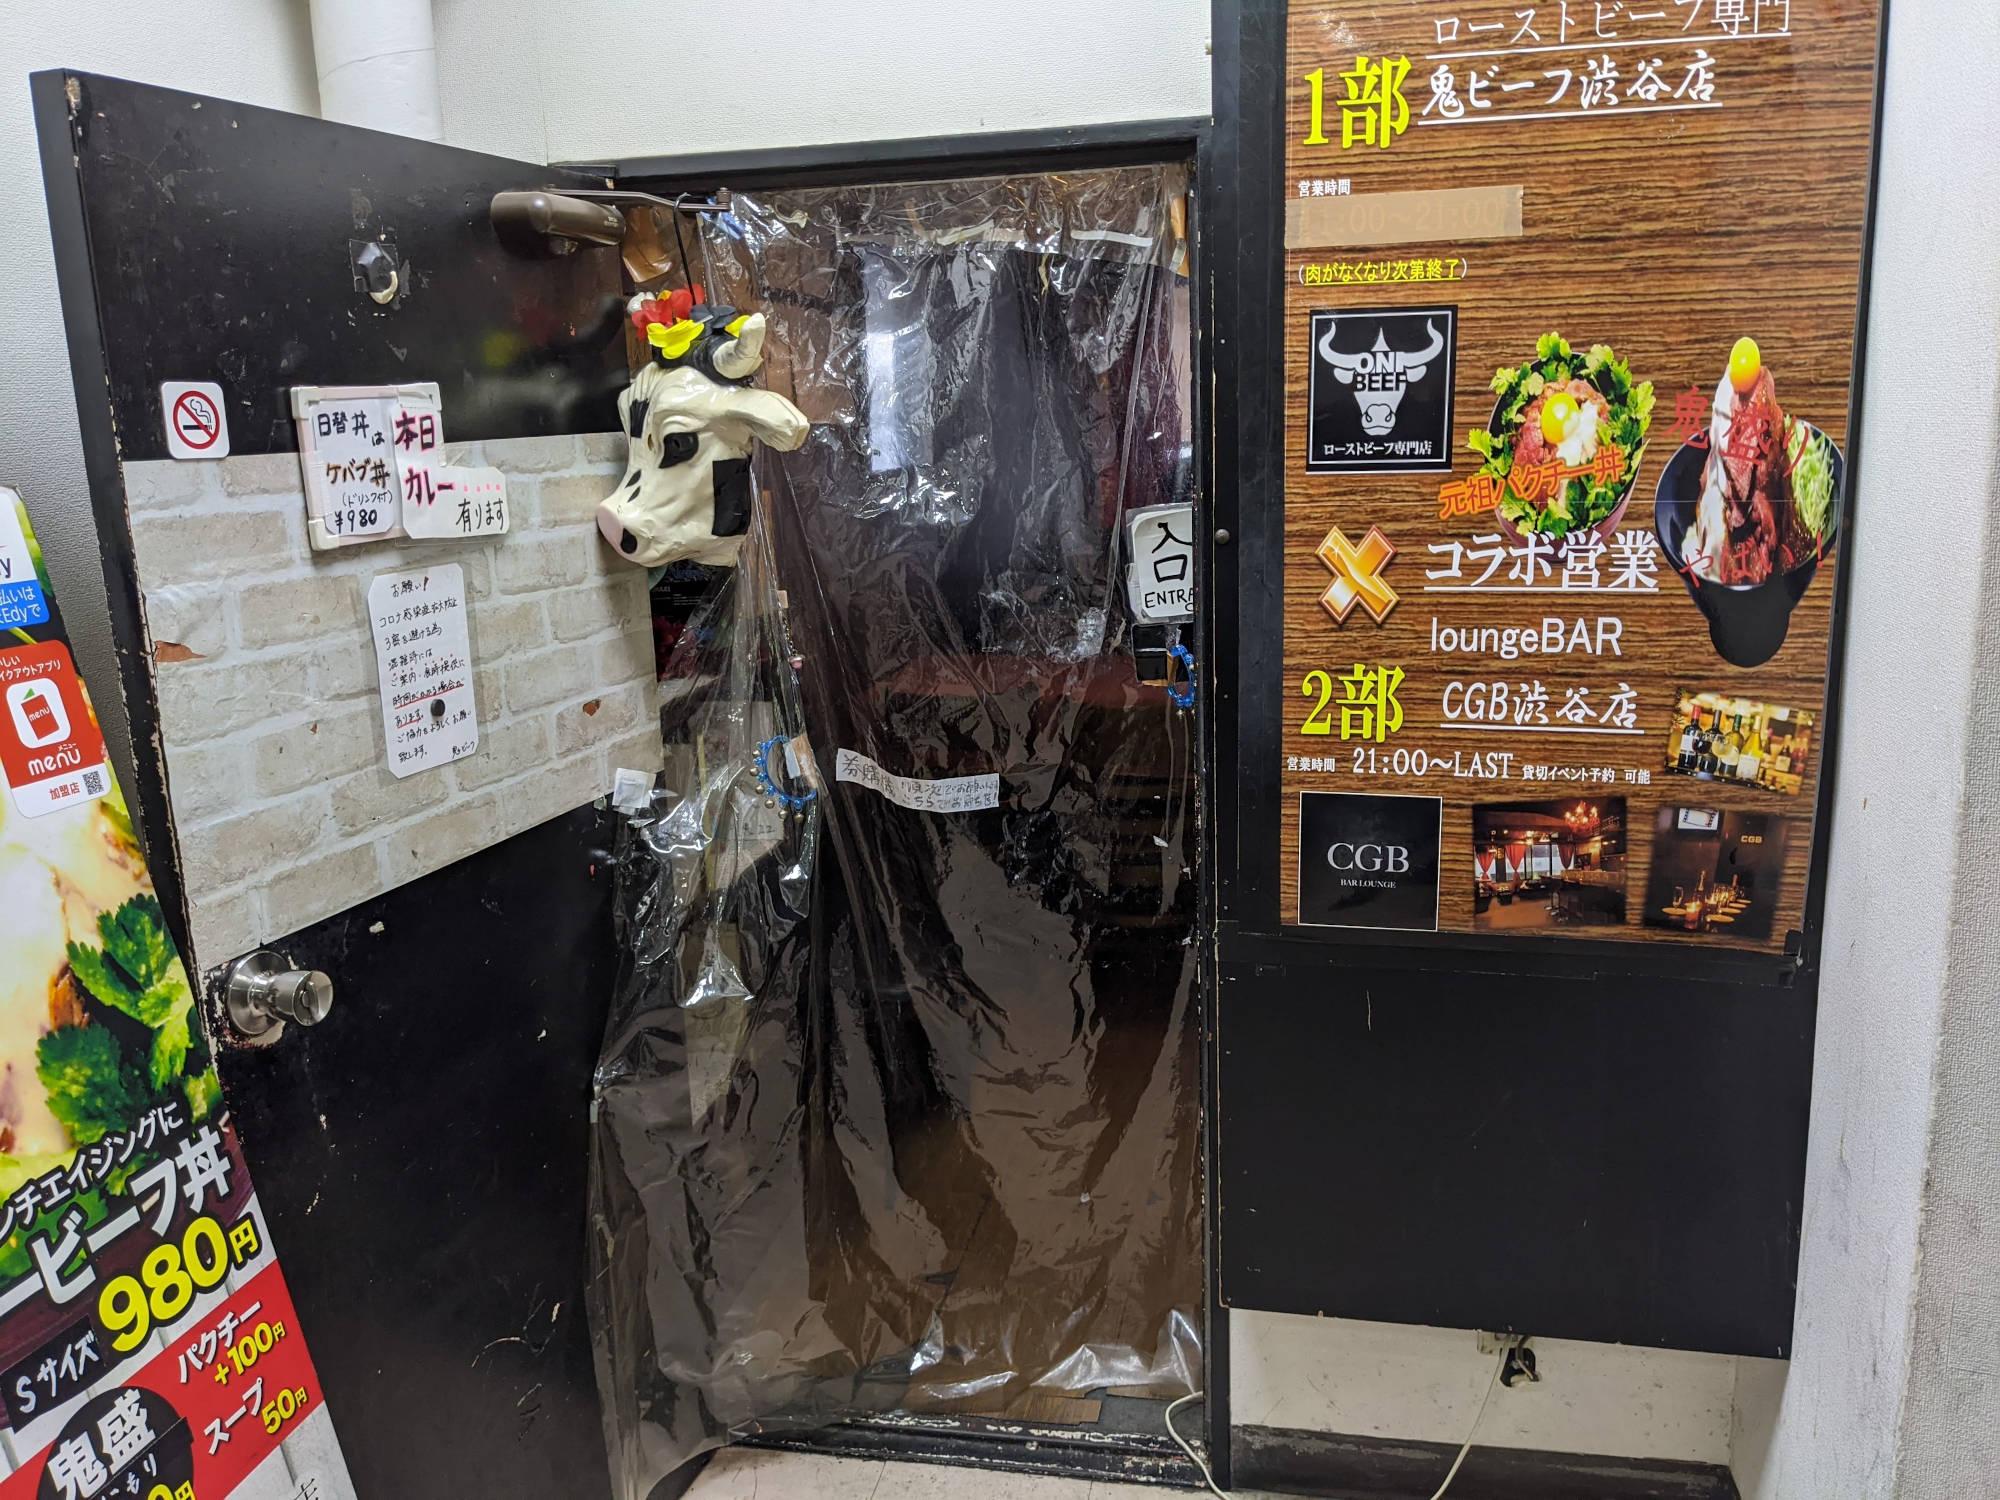 渋谷 鬼ビーフ 入り口